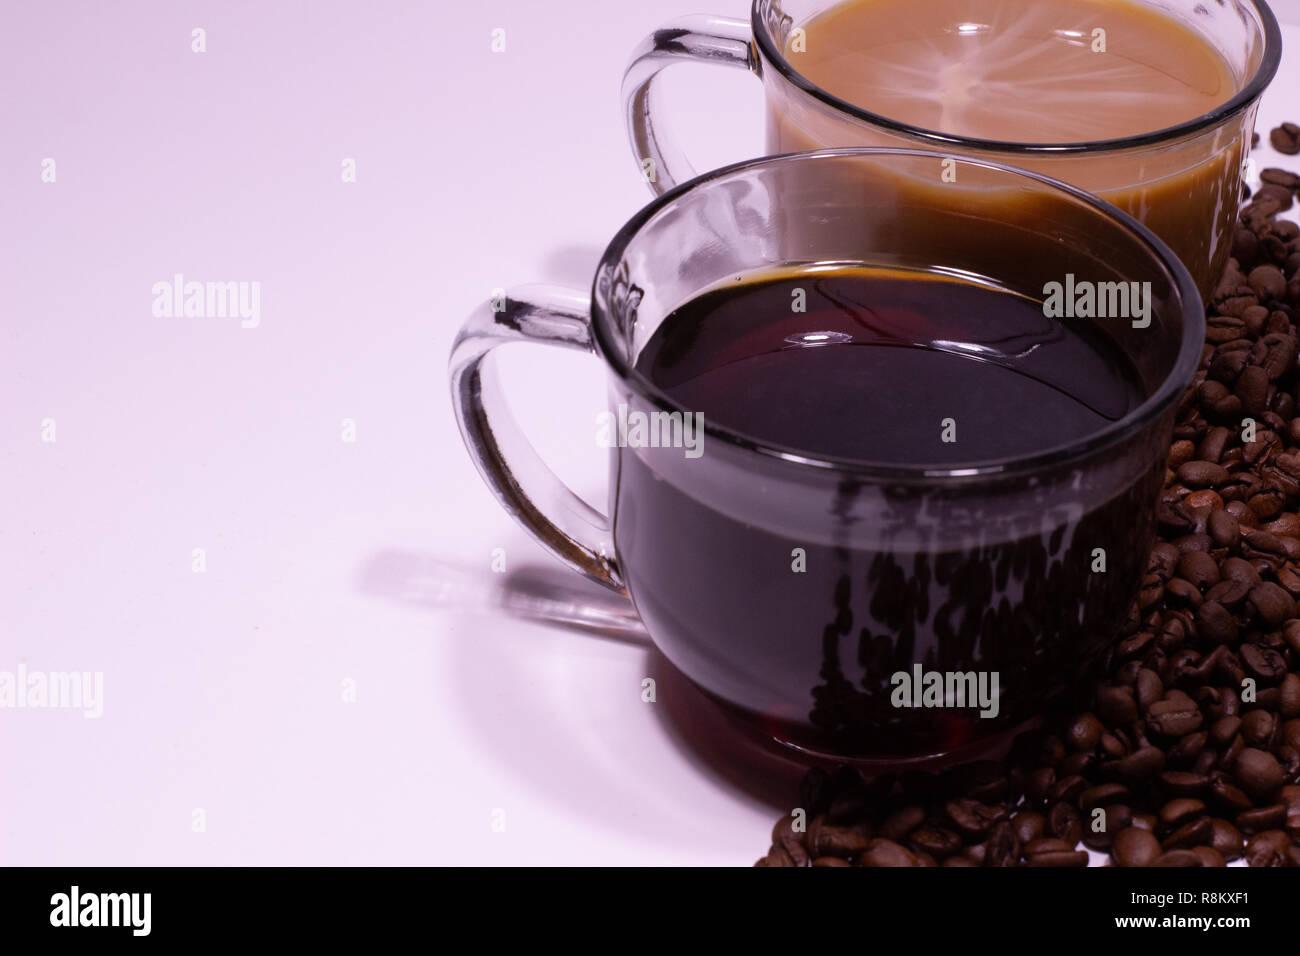 Zwei Glas Kaffeetassen auf einem weißen Tisch neben Kaffeebohnen Stockfoto